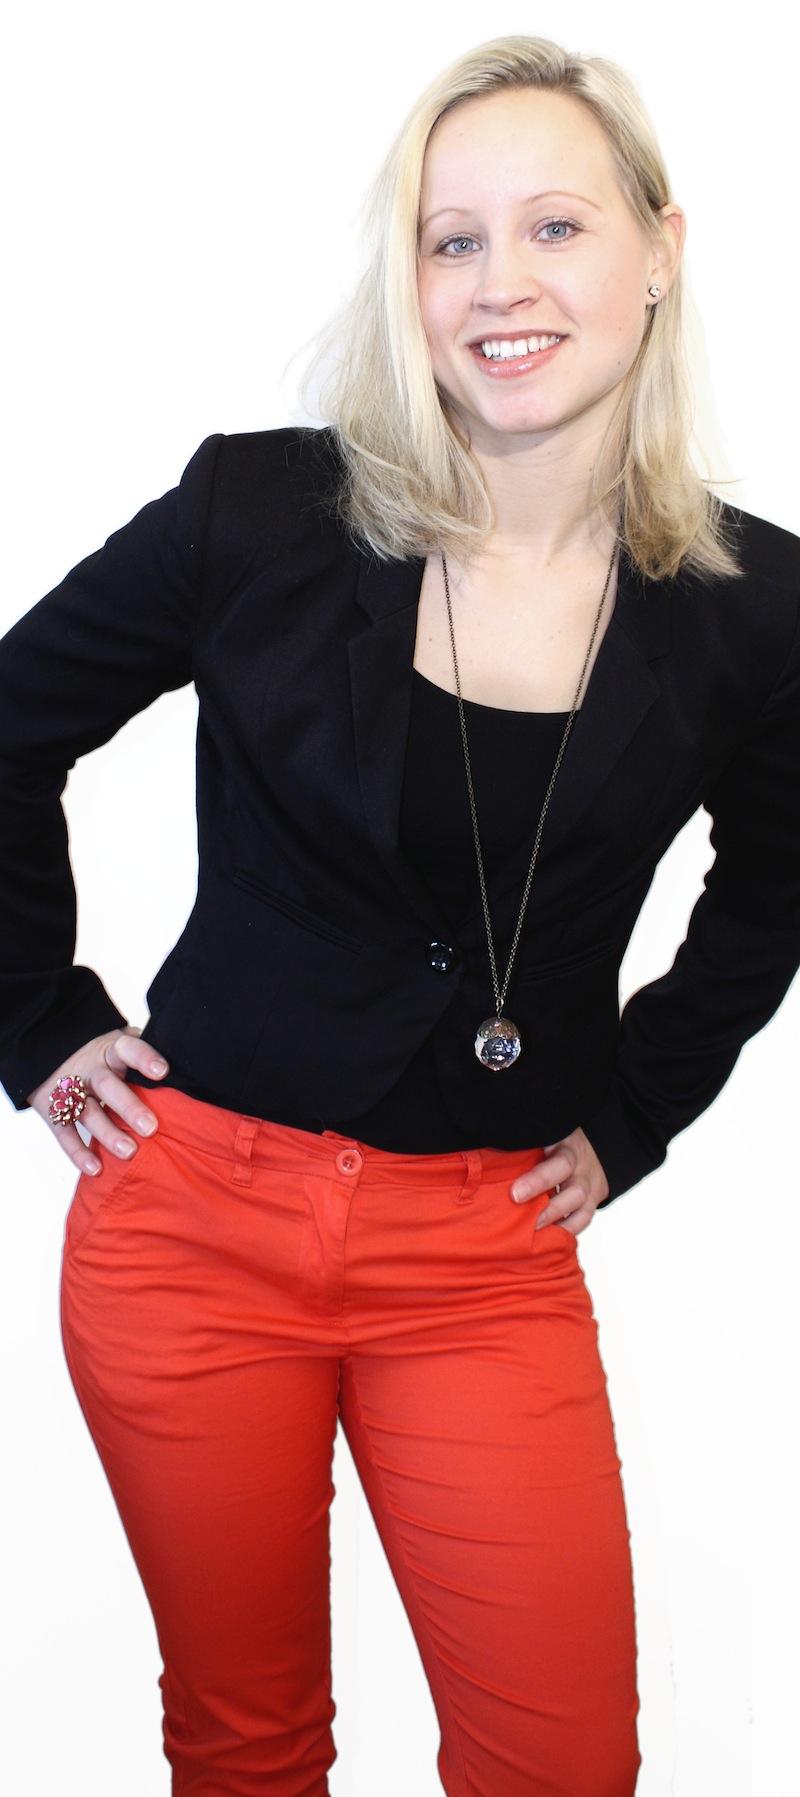 Onlinemarknadsförare Emelie Ockenström Norberg